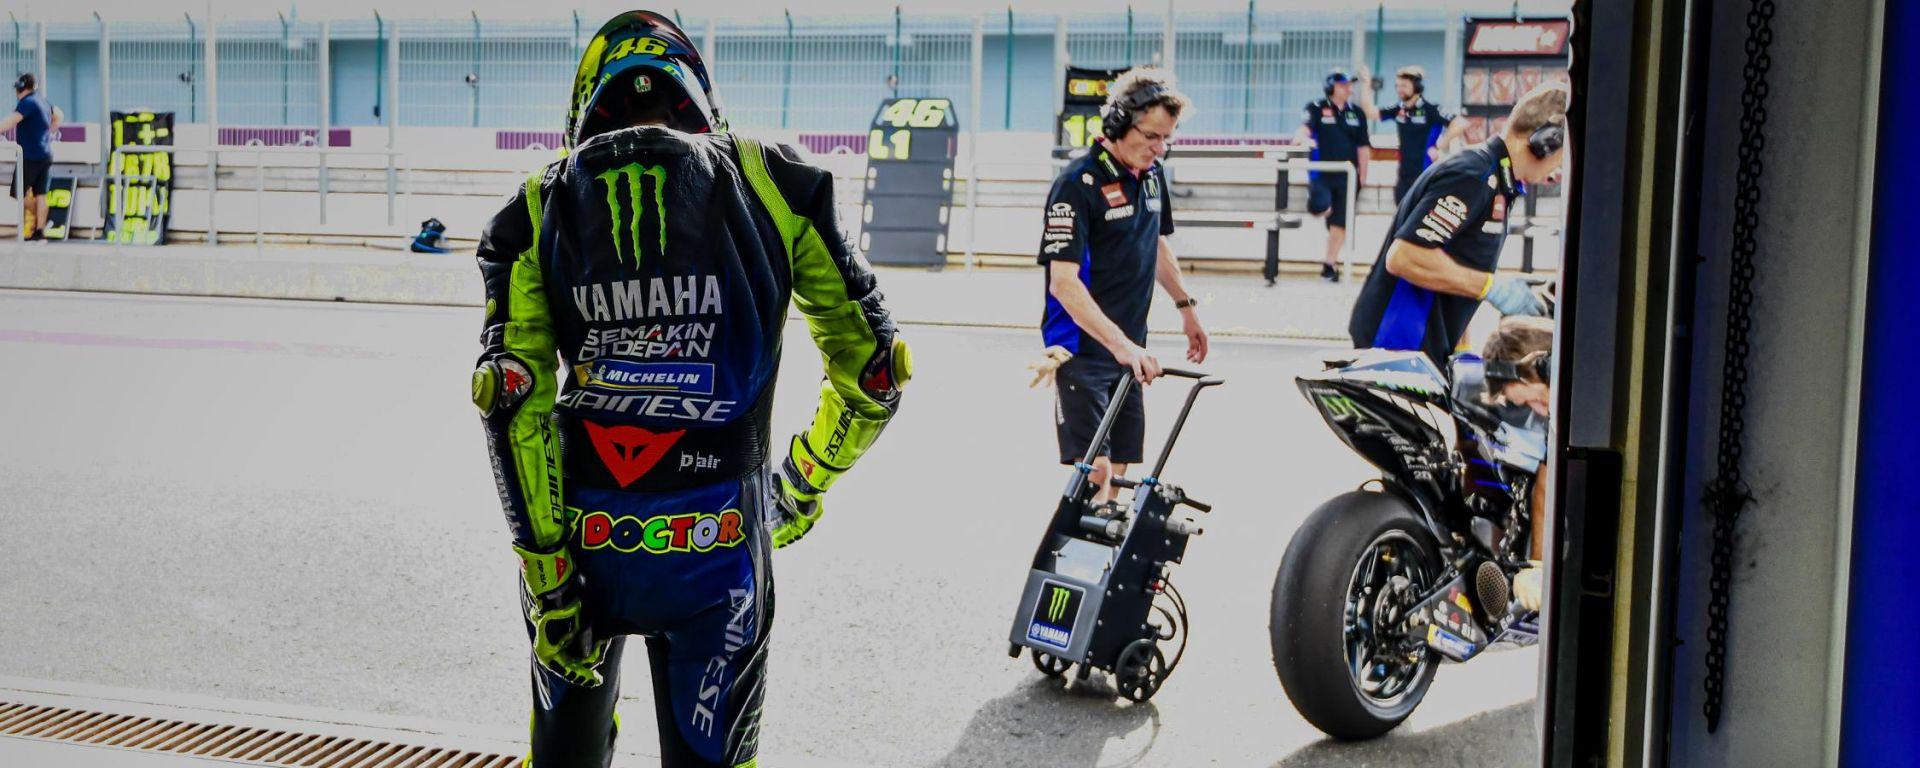 Valentino Rossi ai test di Losail 2020 con la Yamaha